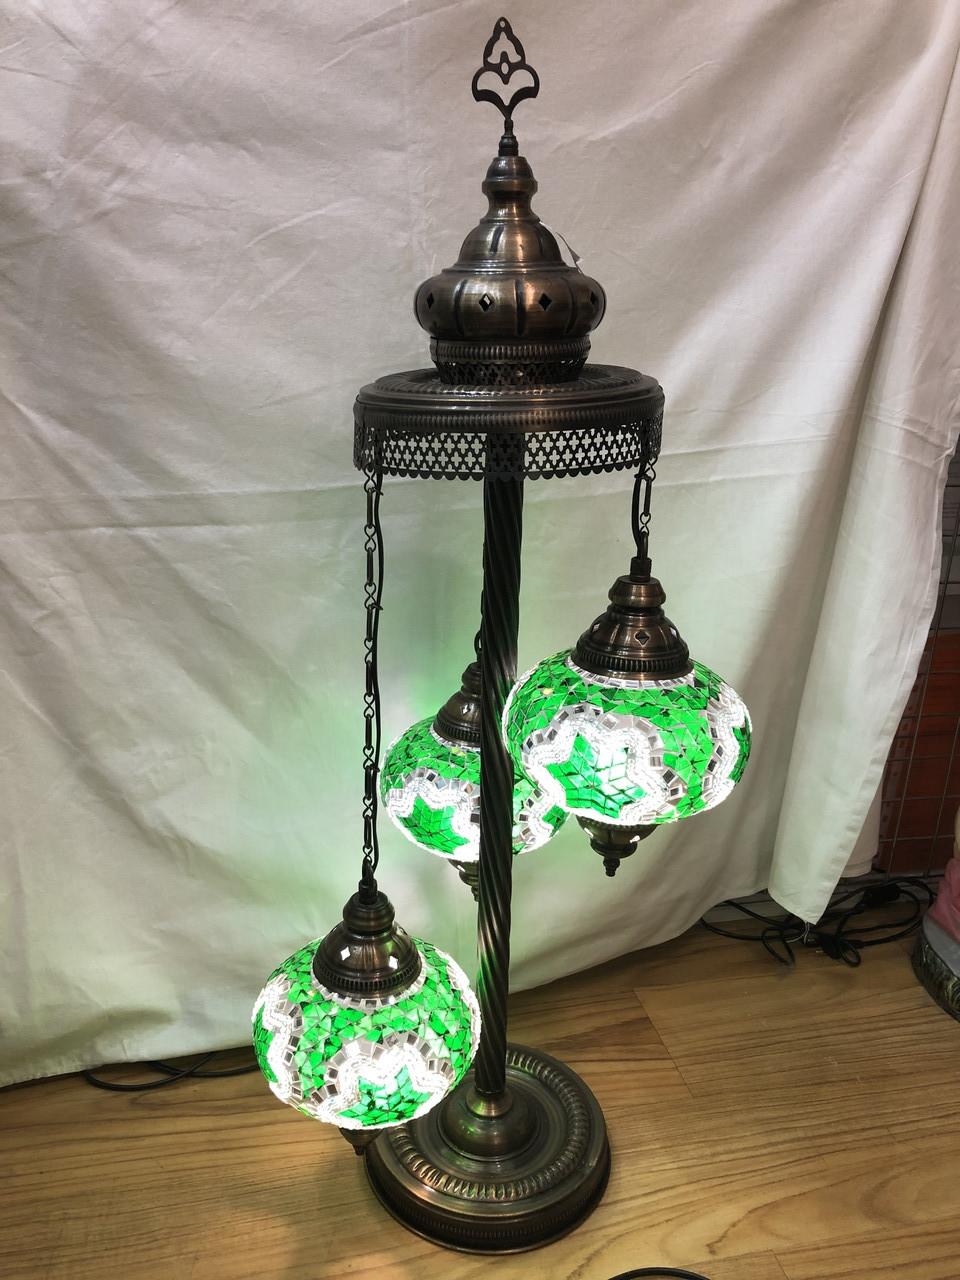 Напольный турецкий светильник  Sinan из мозаики ручной работы зеленый